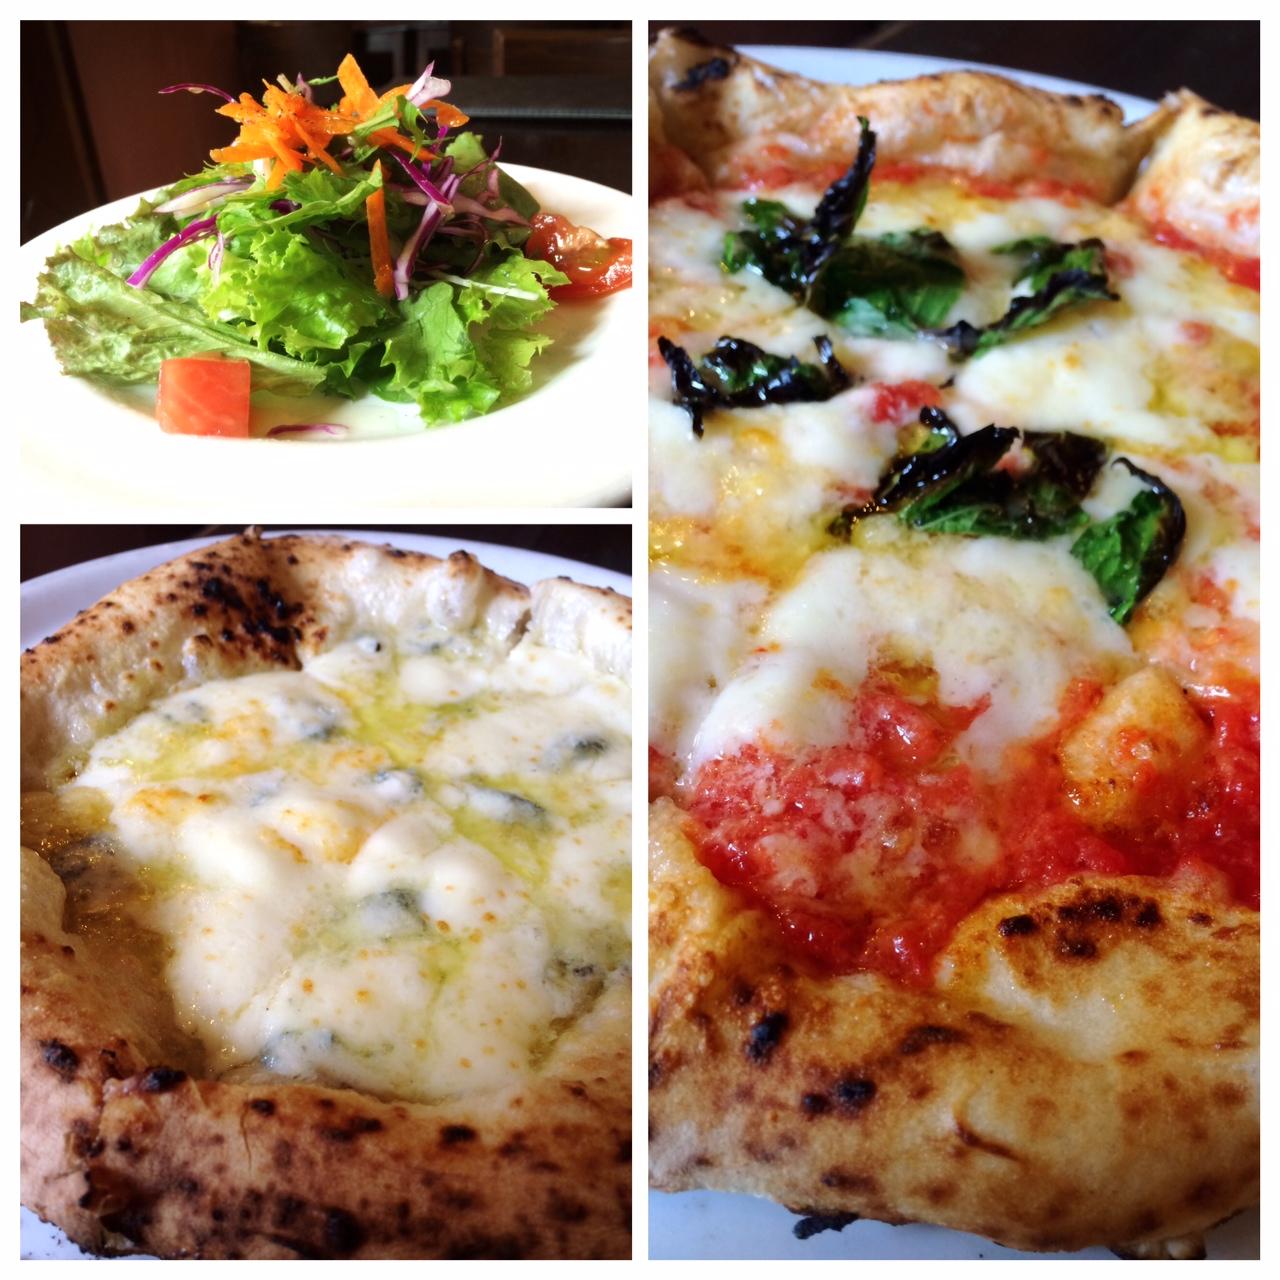 Pizzzafudomae